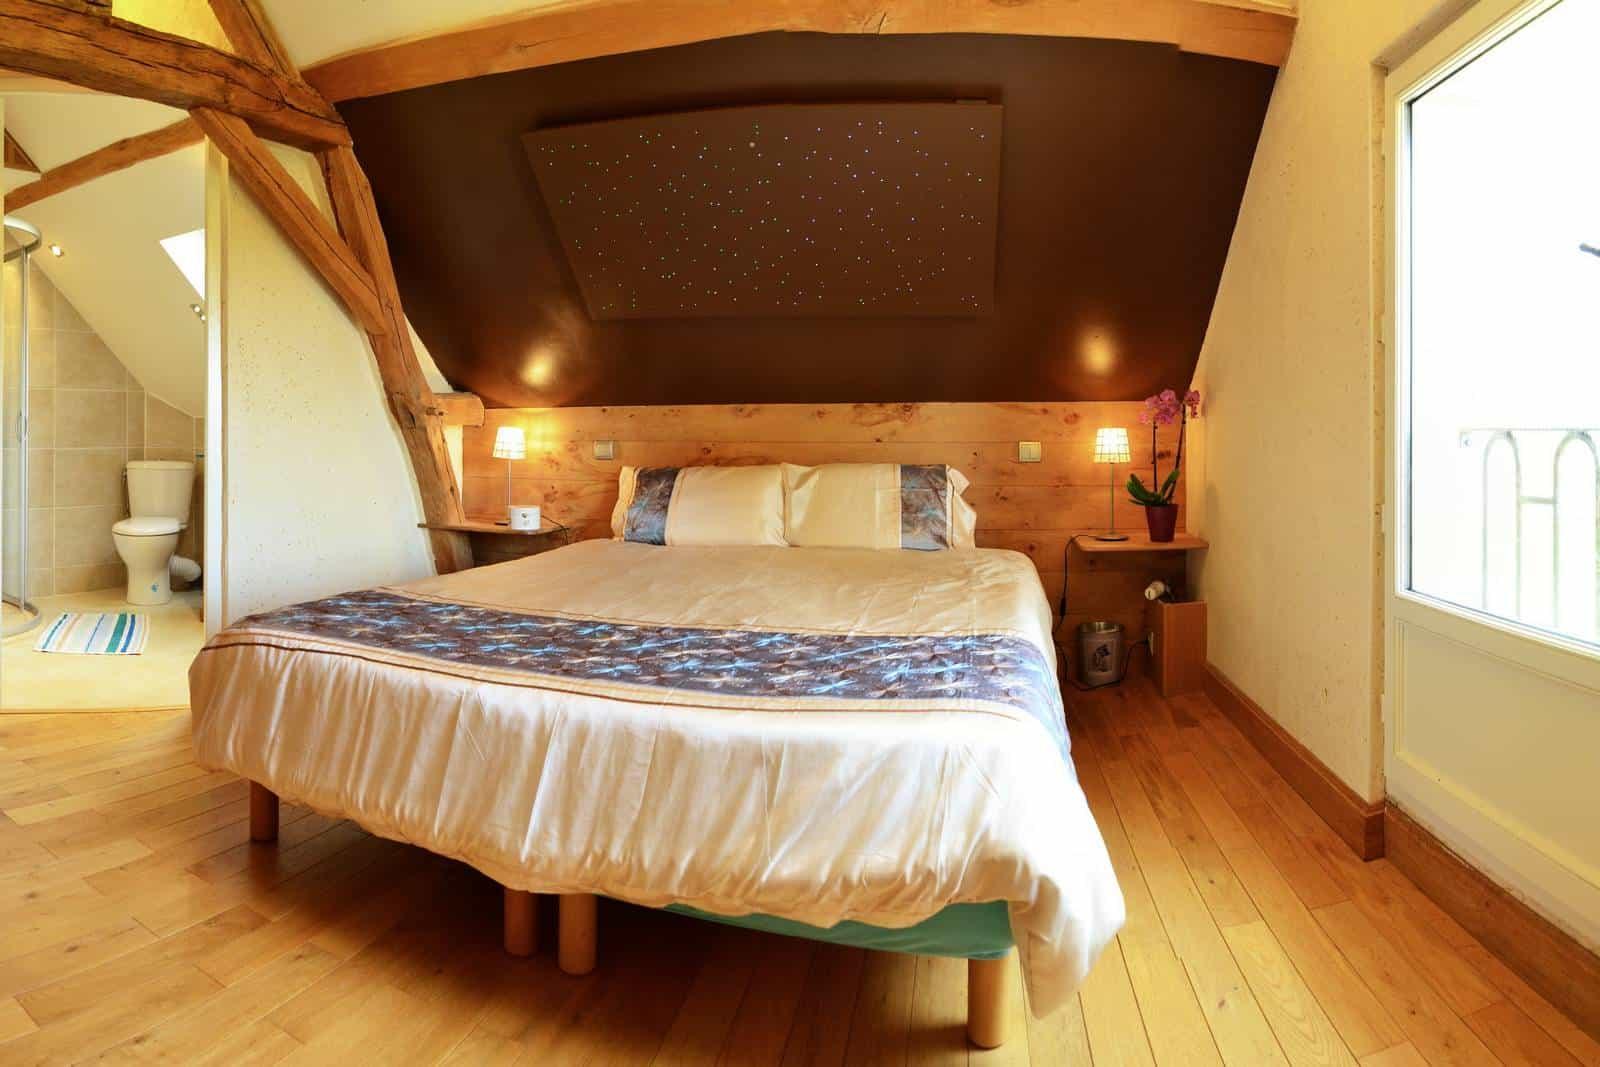 Chambre printemps au gîte de Haute Forêt, vue du lit